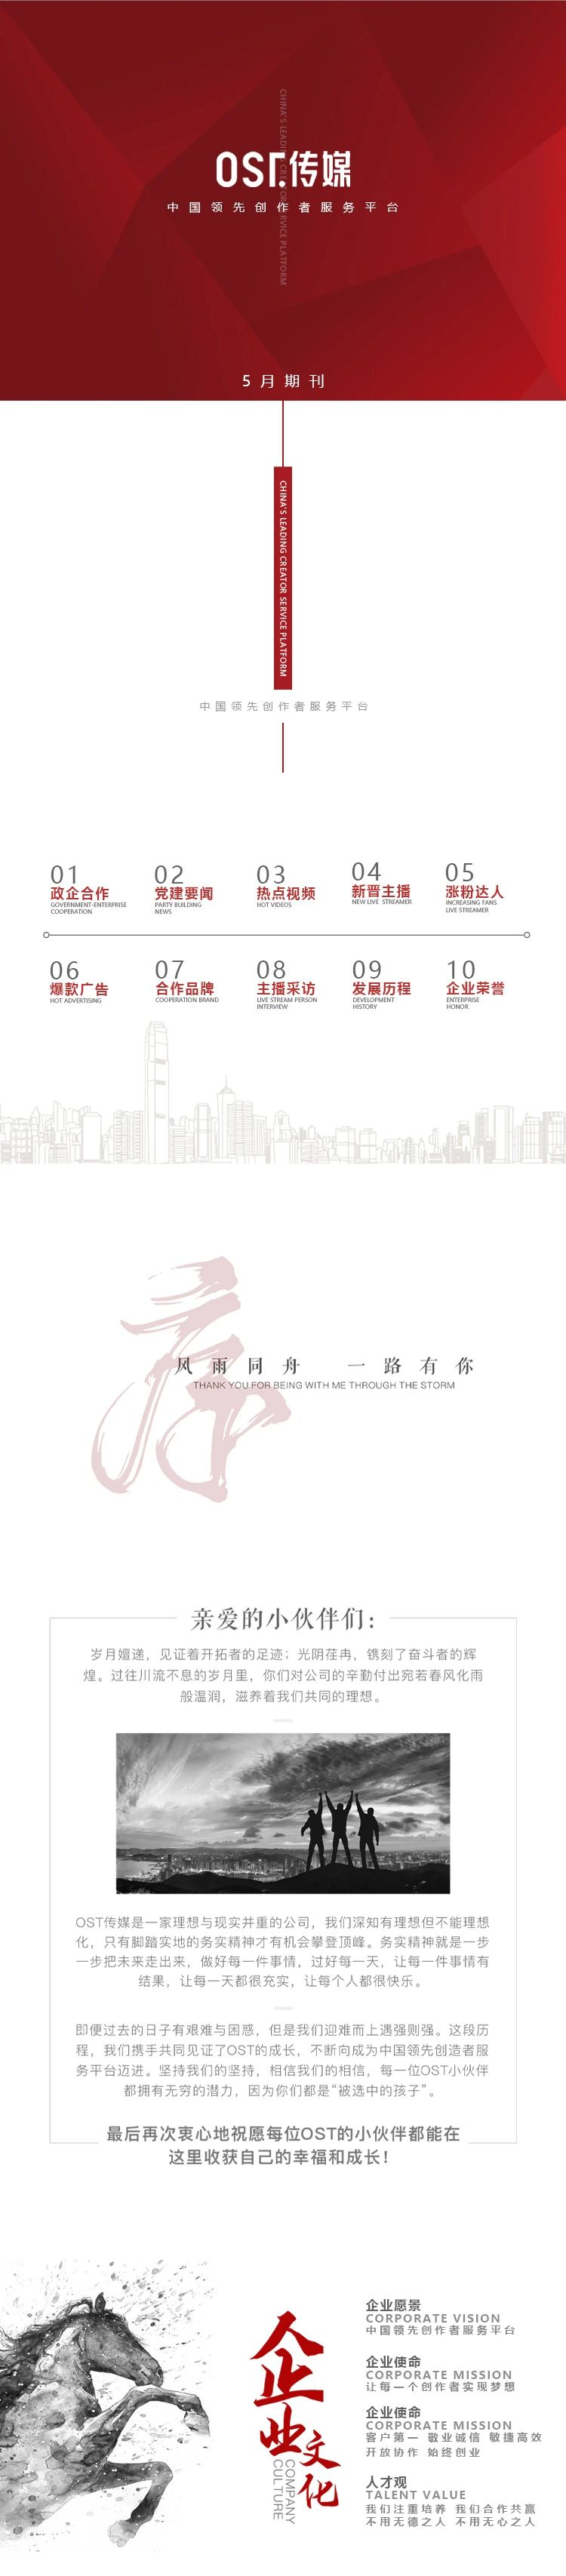 企业大事记 OST传媒5月大事记第1张